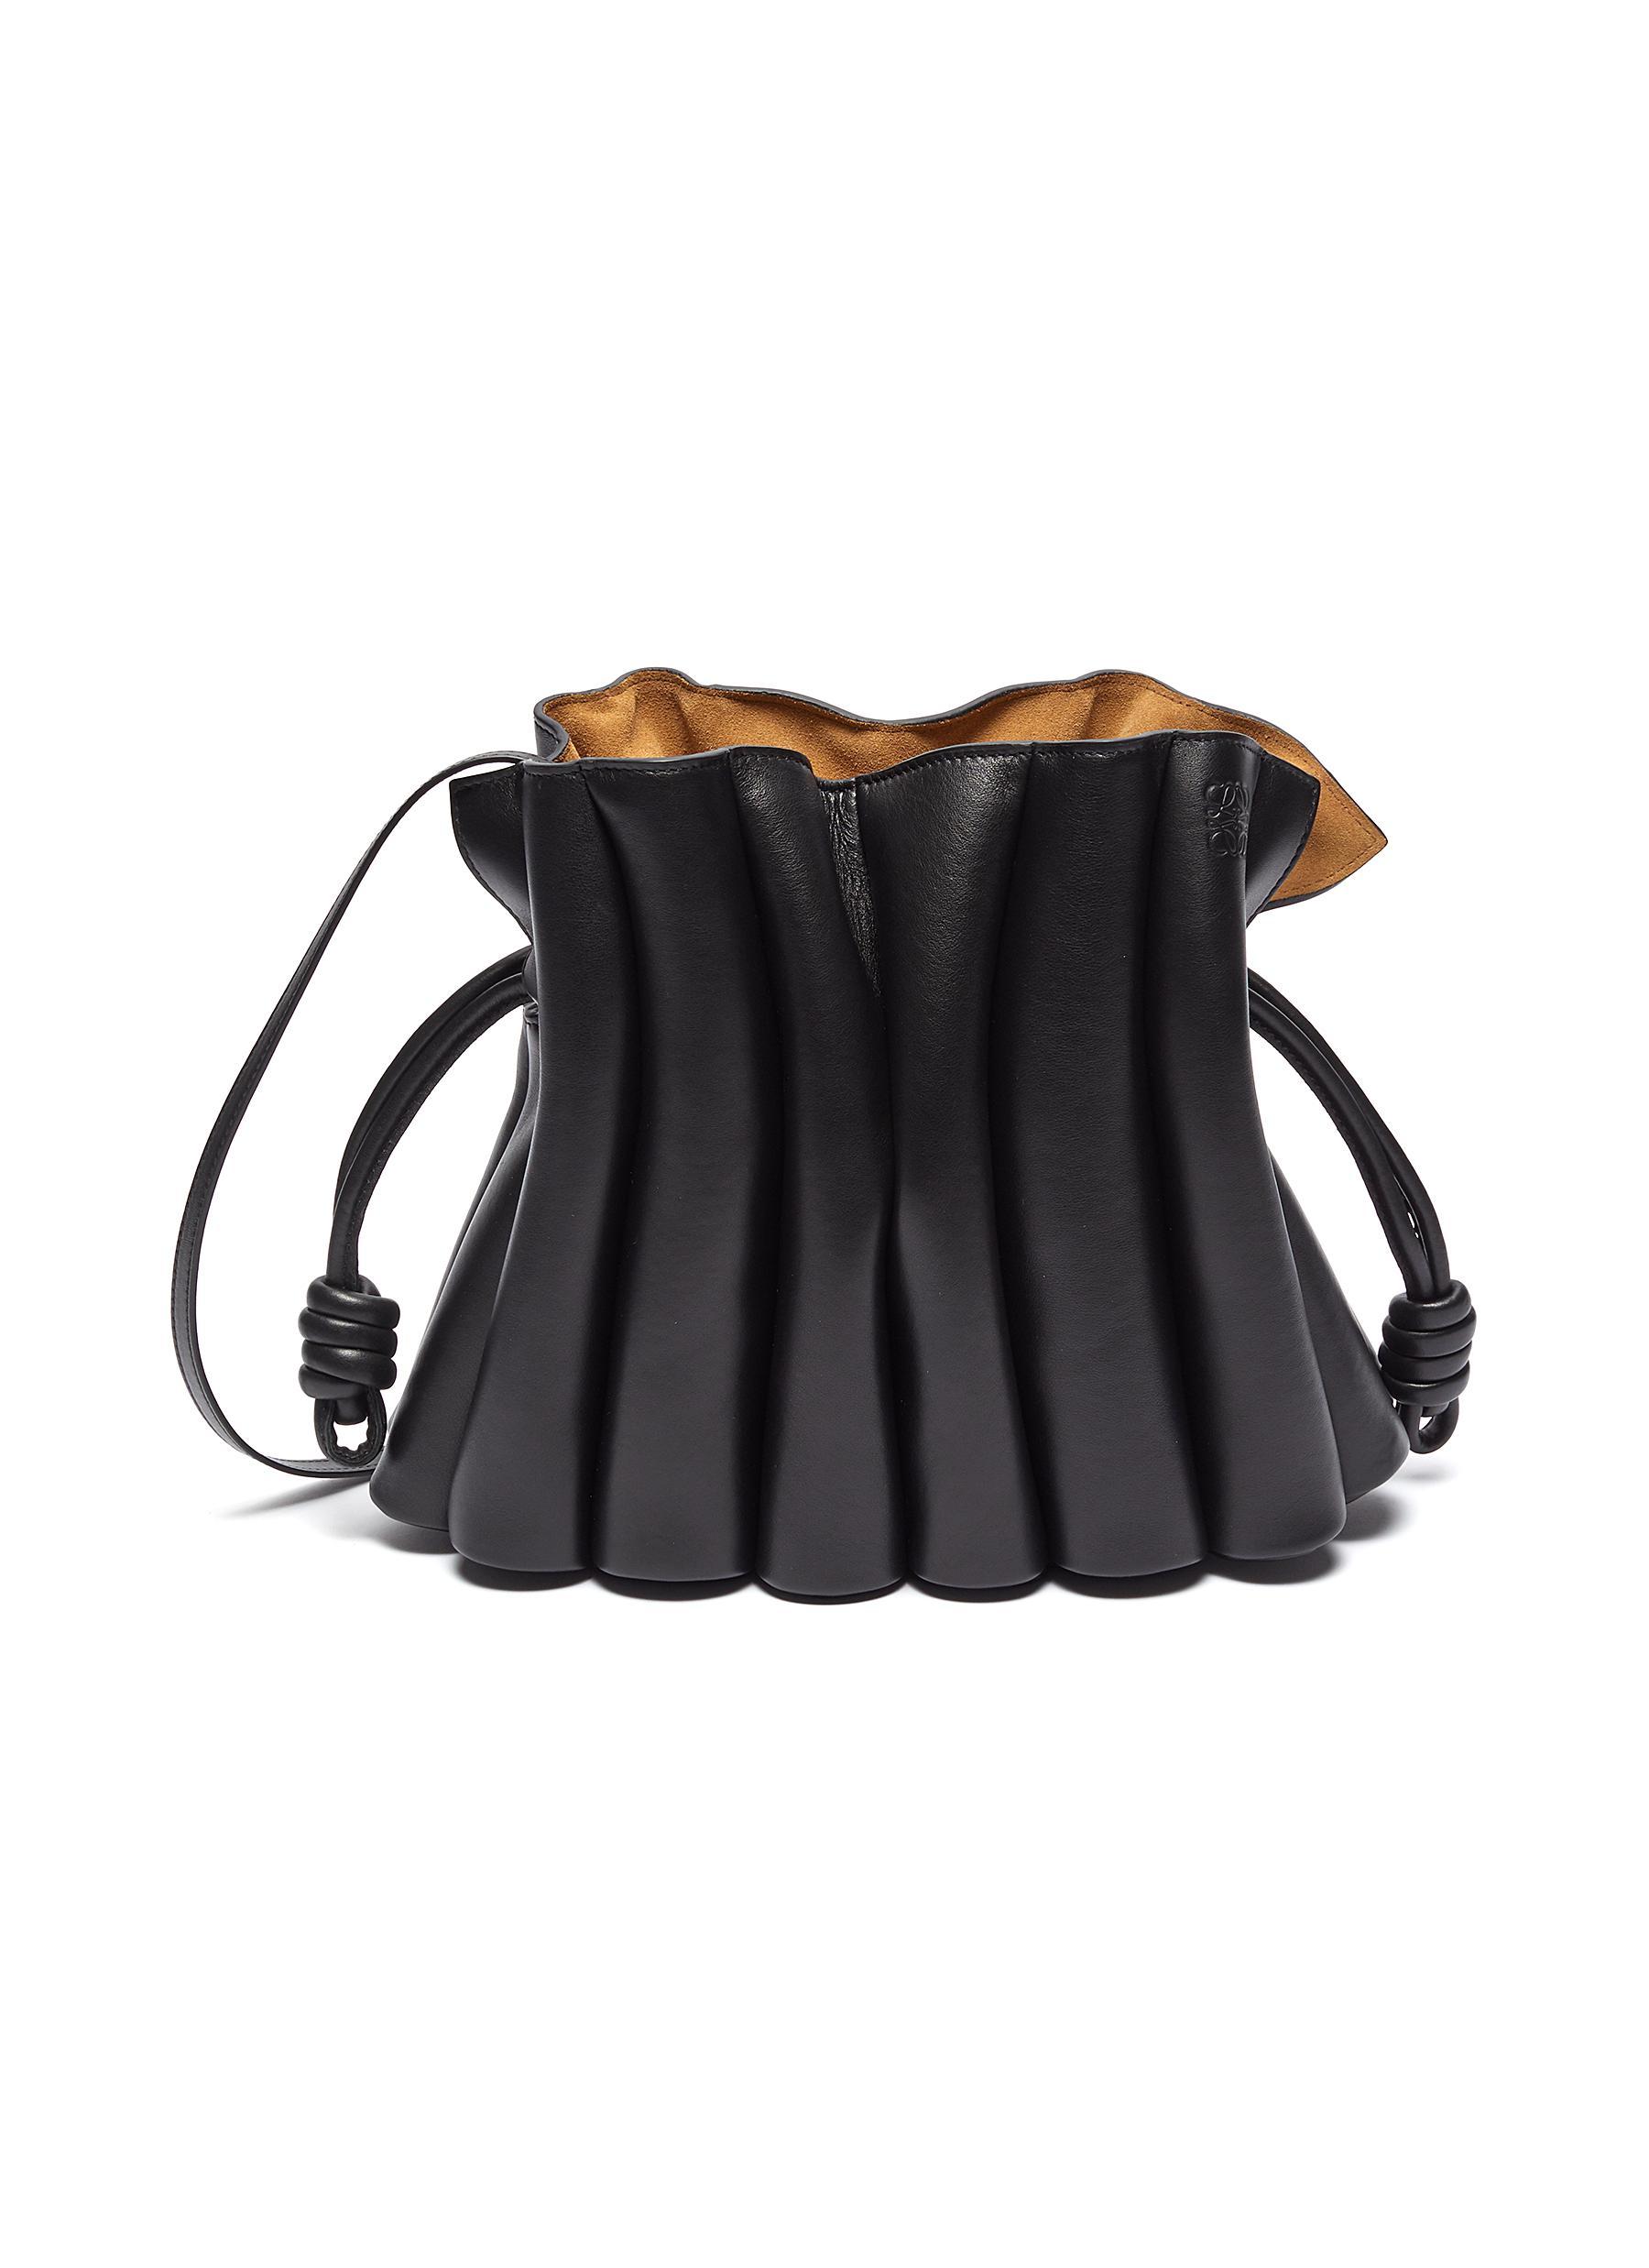 Flamenco Ondas' Pleated Drawstring Leather Clutch